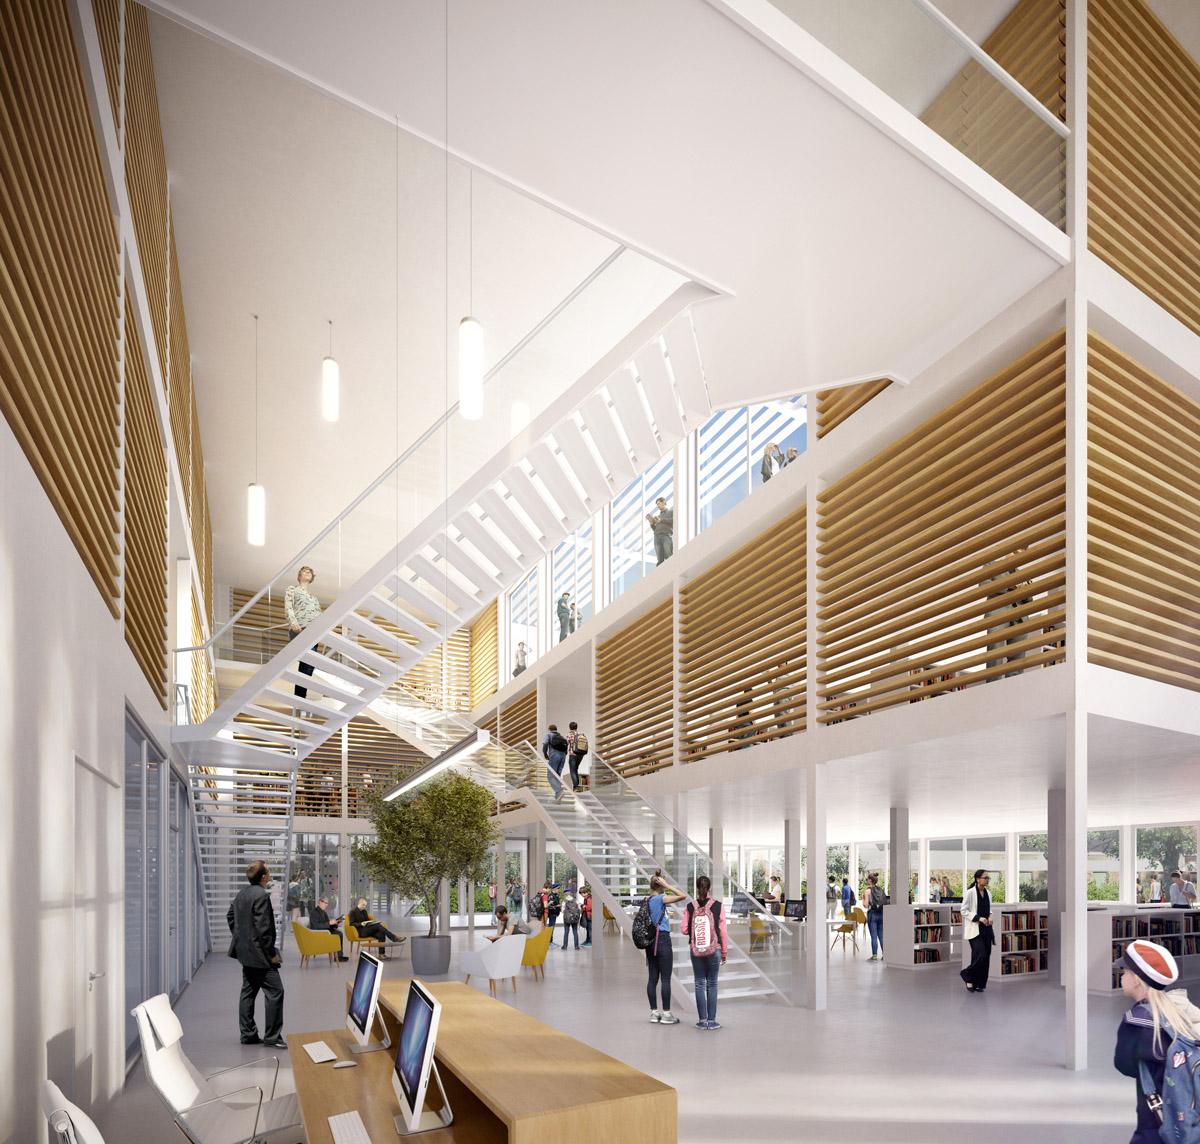 Médiathèque modulaire imaginée par les architectes de l'agence DGA des Herbiers